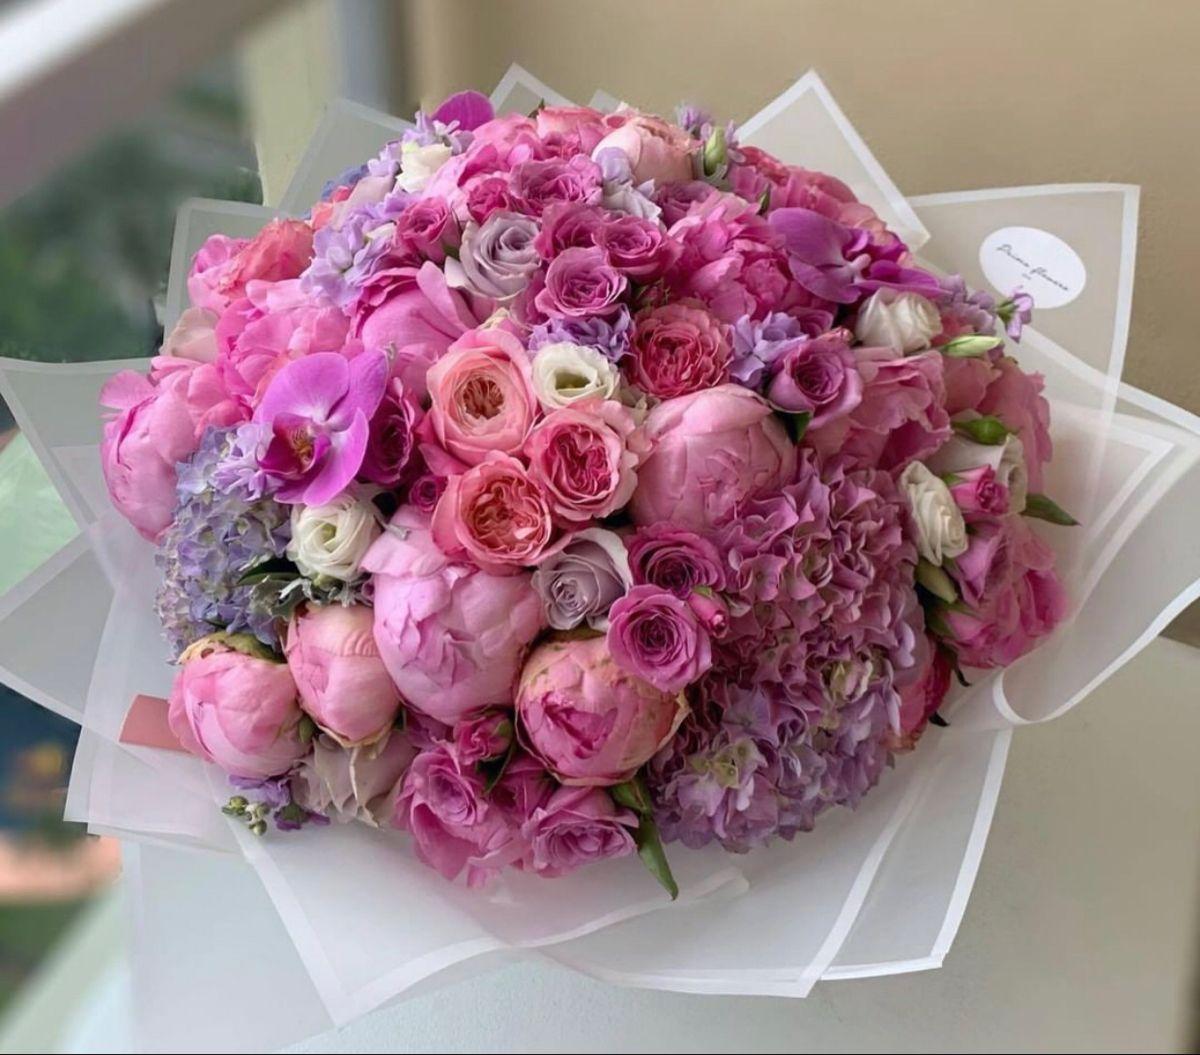 Wholesale Flowers in 2020 Pink wedding flowers, Wedding